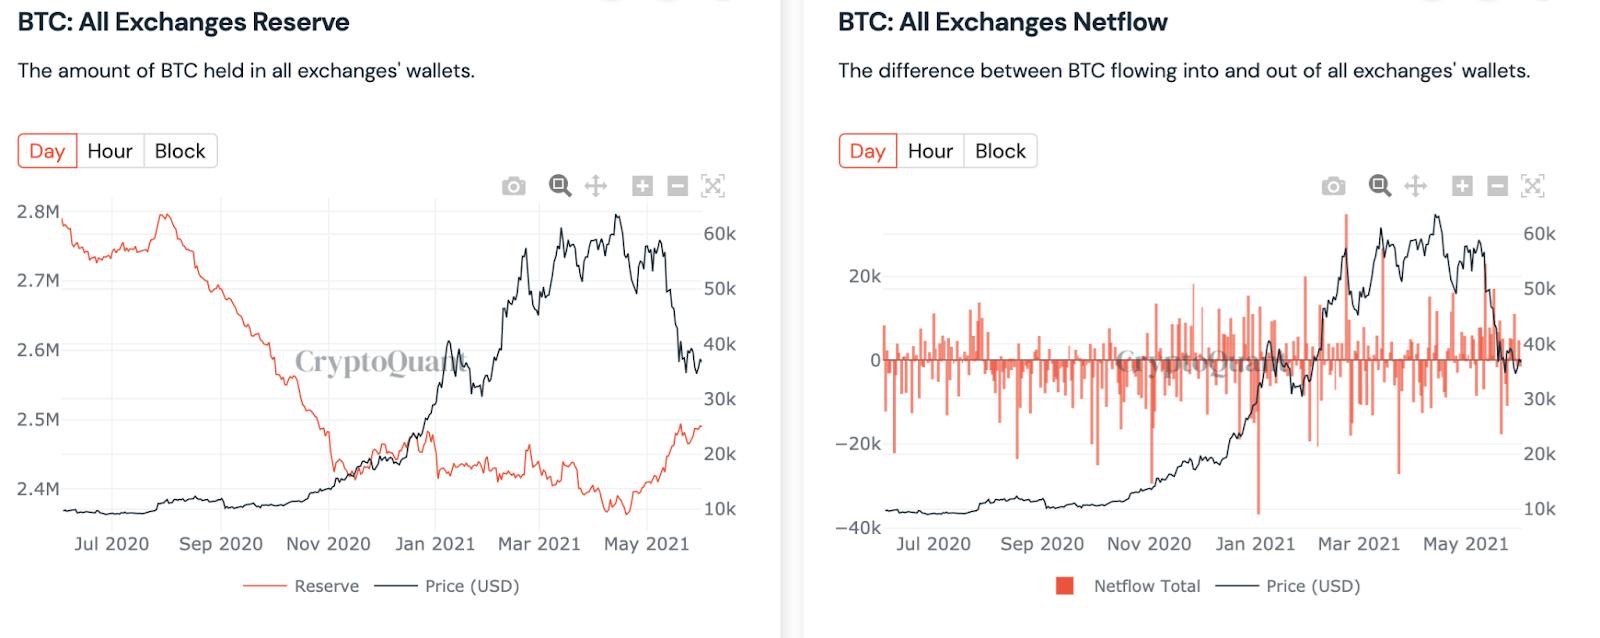 Bitcoin BTC Inflows